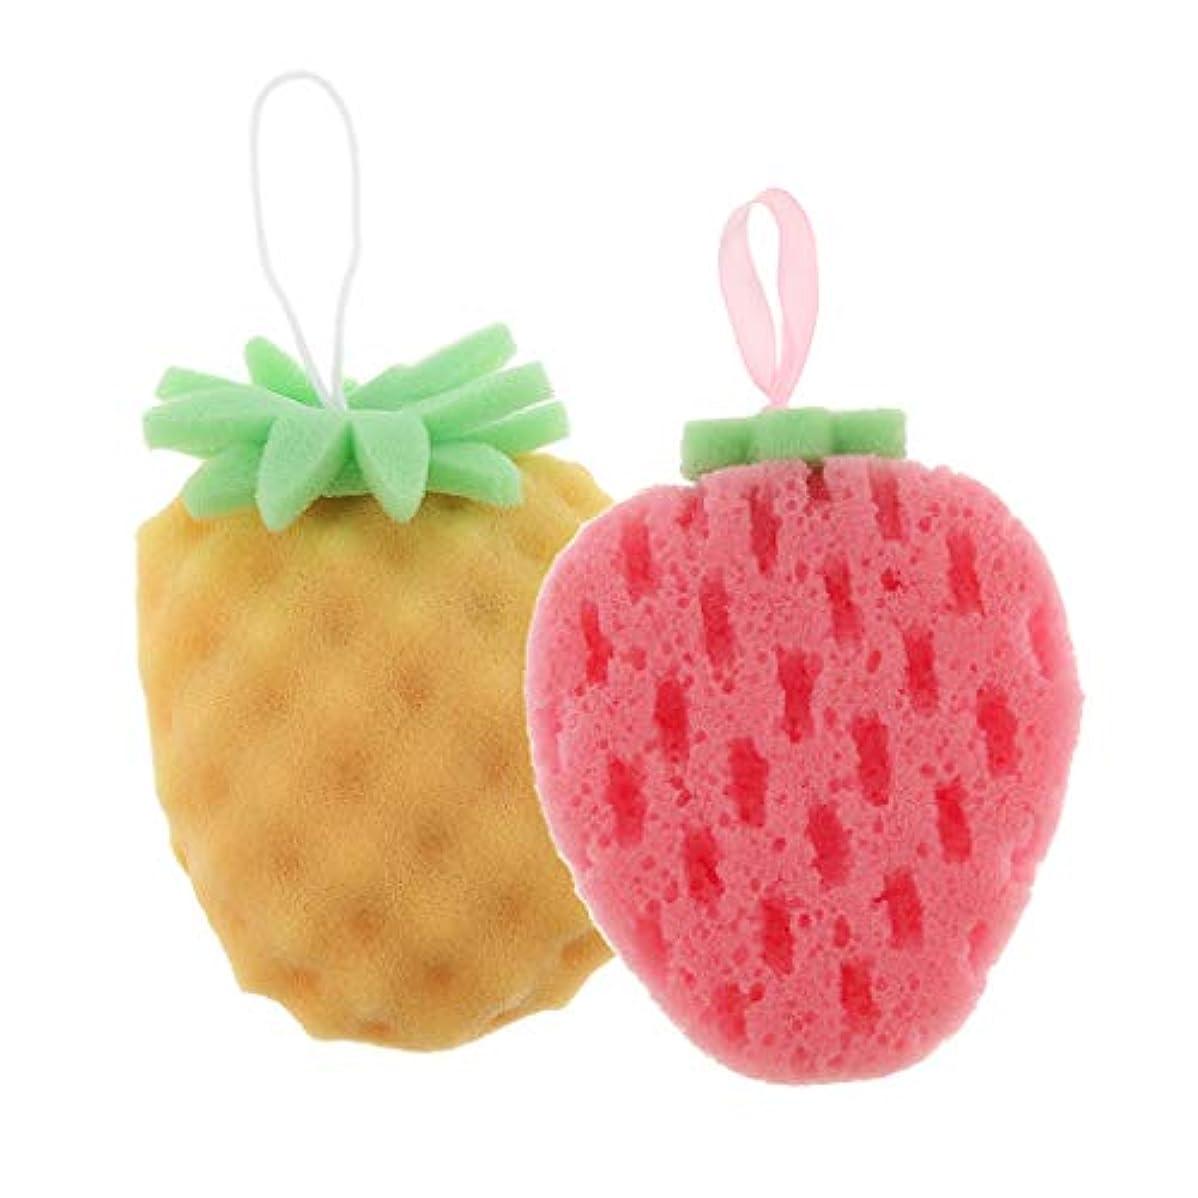 またはどちらか重荷レスリング2個 バススポンジ ボディスポンジ 可愛い フルーツ 果物の形 子供 お風呂